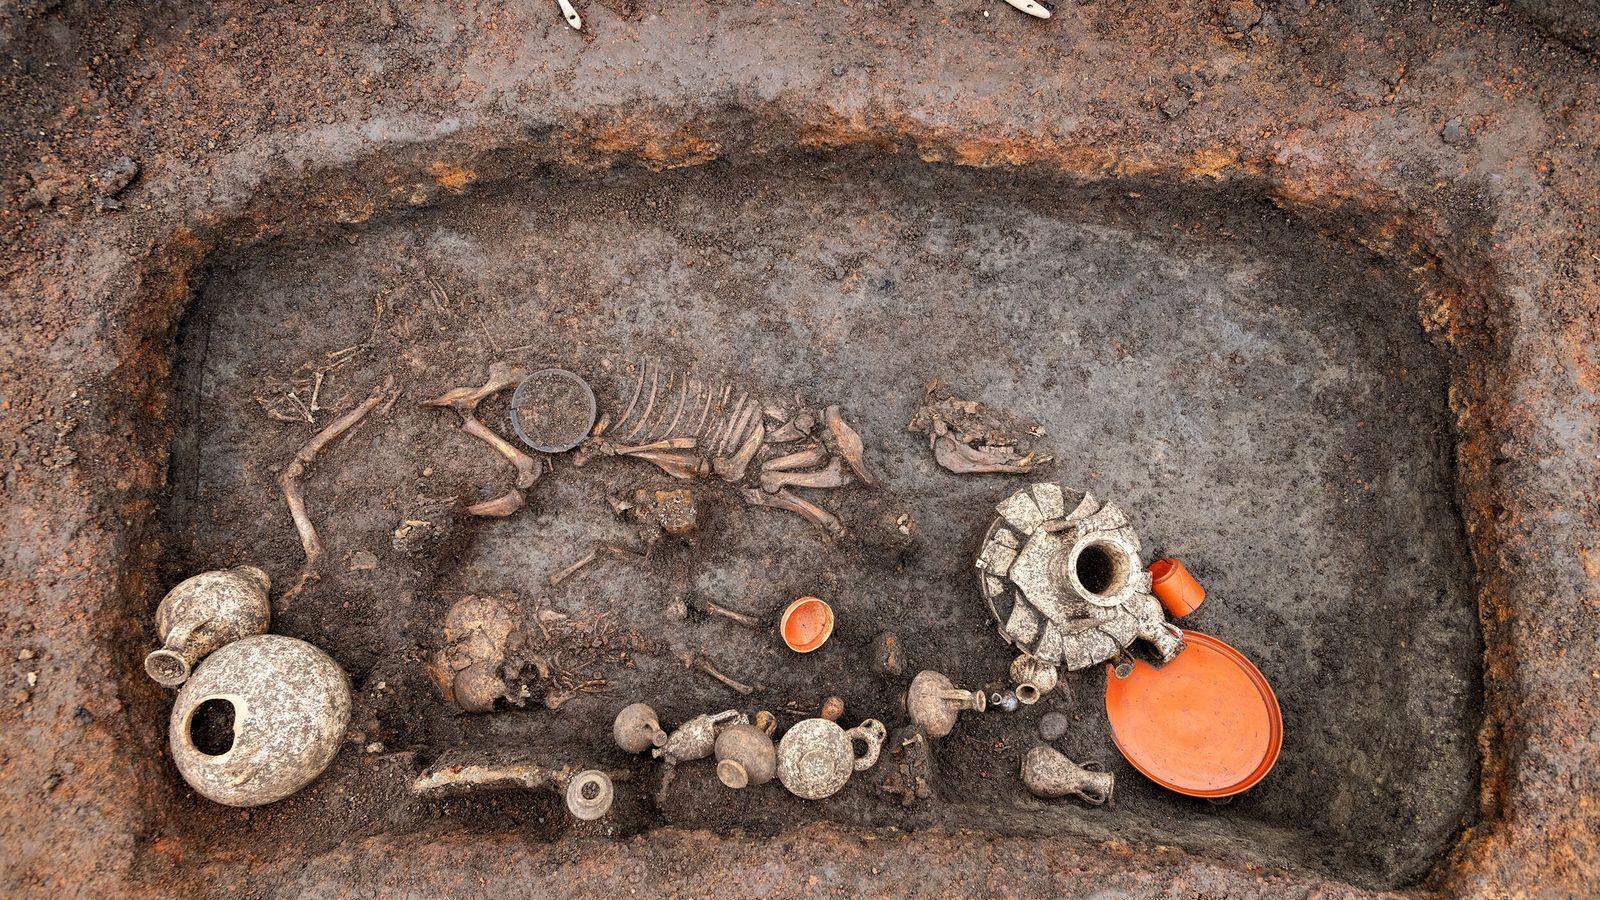 Sépulture d'un jeune enfant décédé à l'époque augusto-tibérienne.